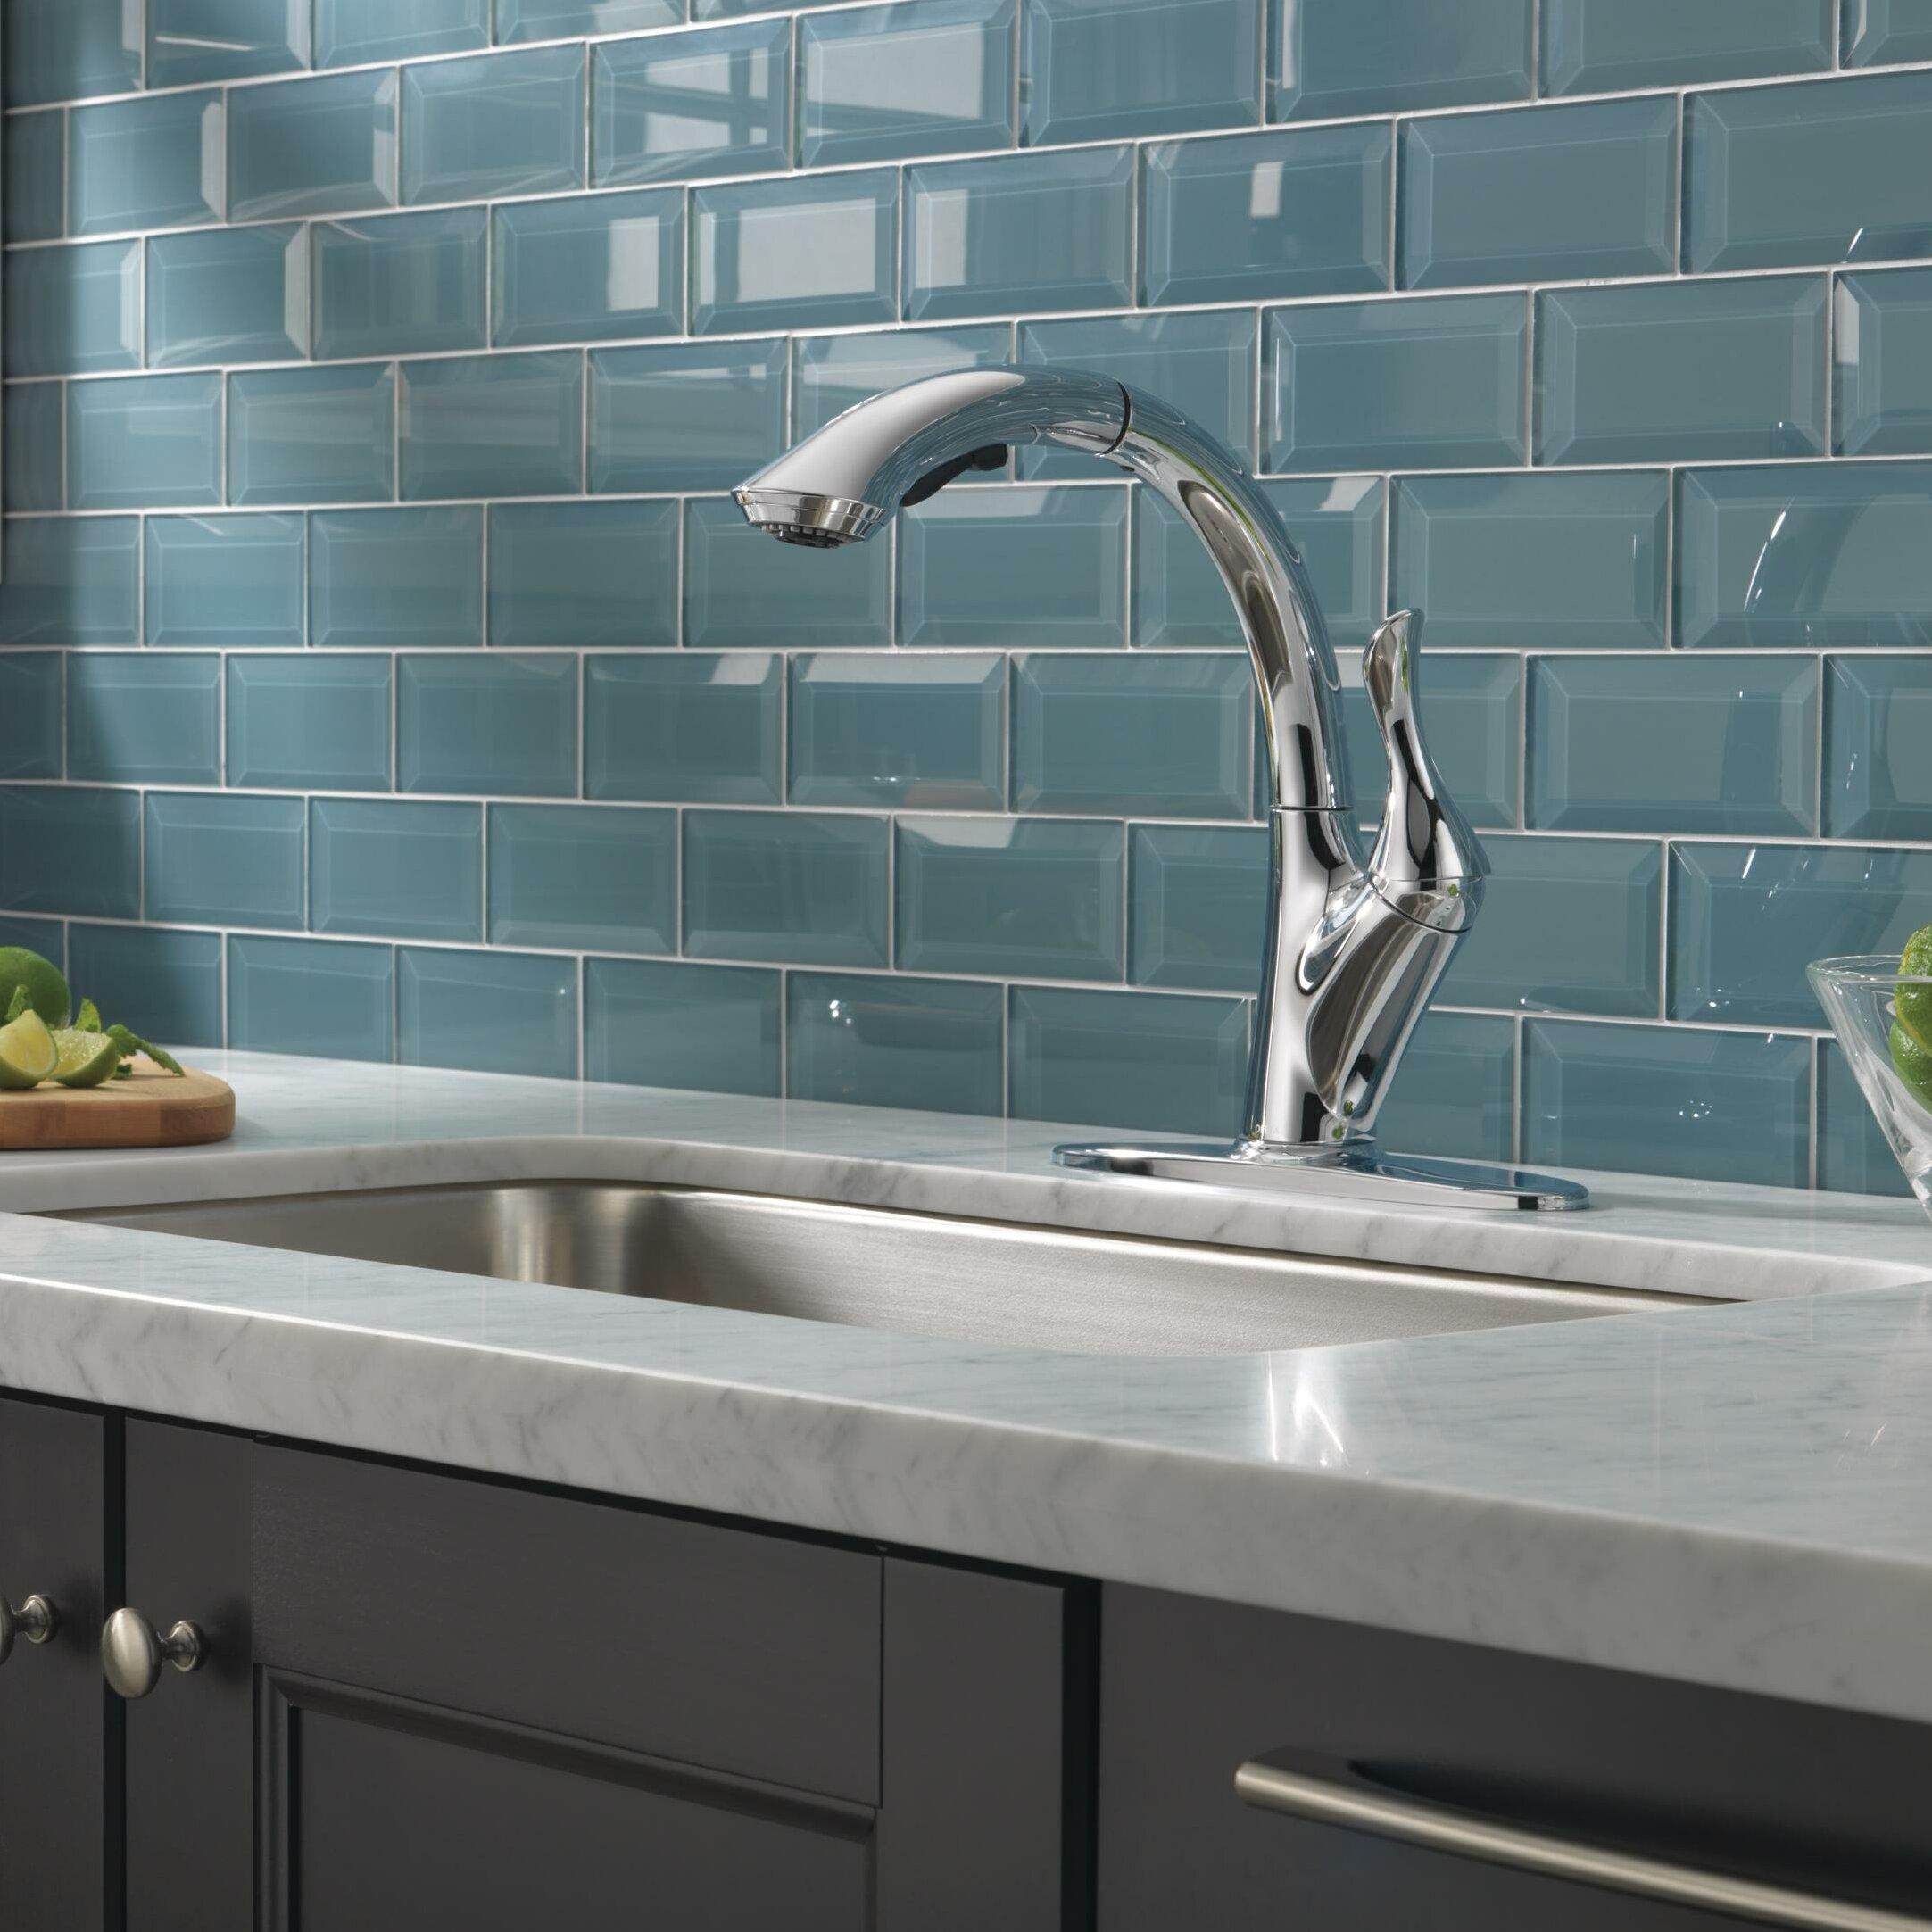 Delta Kitchen Faucet Reviews Delta Linden Single Handle Pull Out Standard Kitchen Faucet